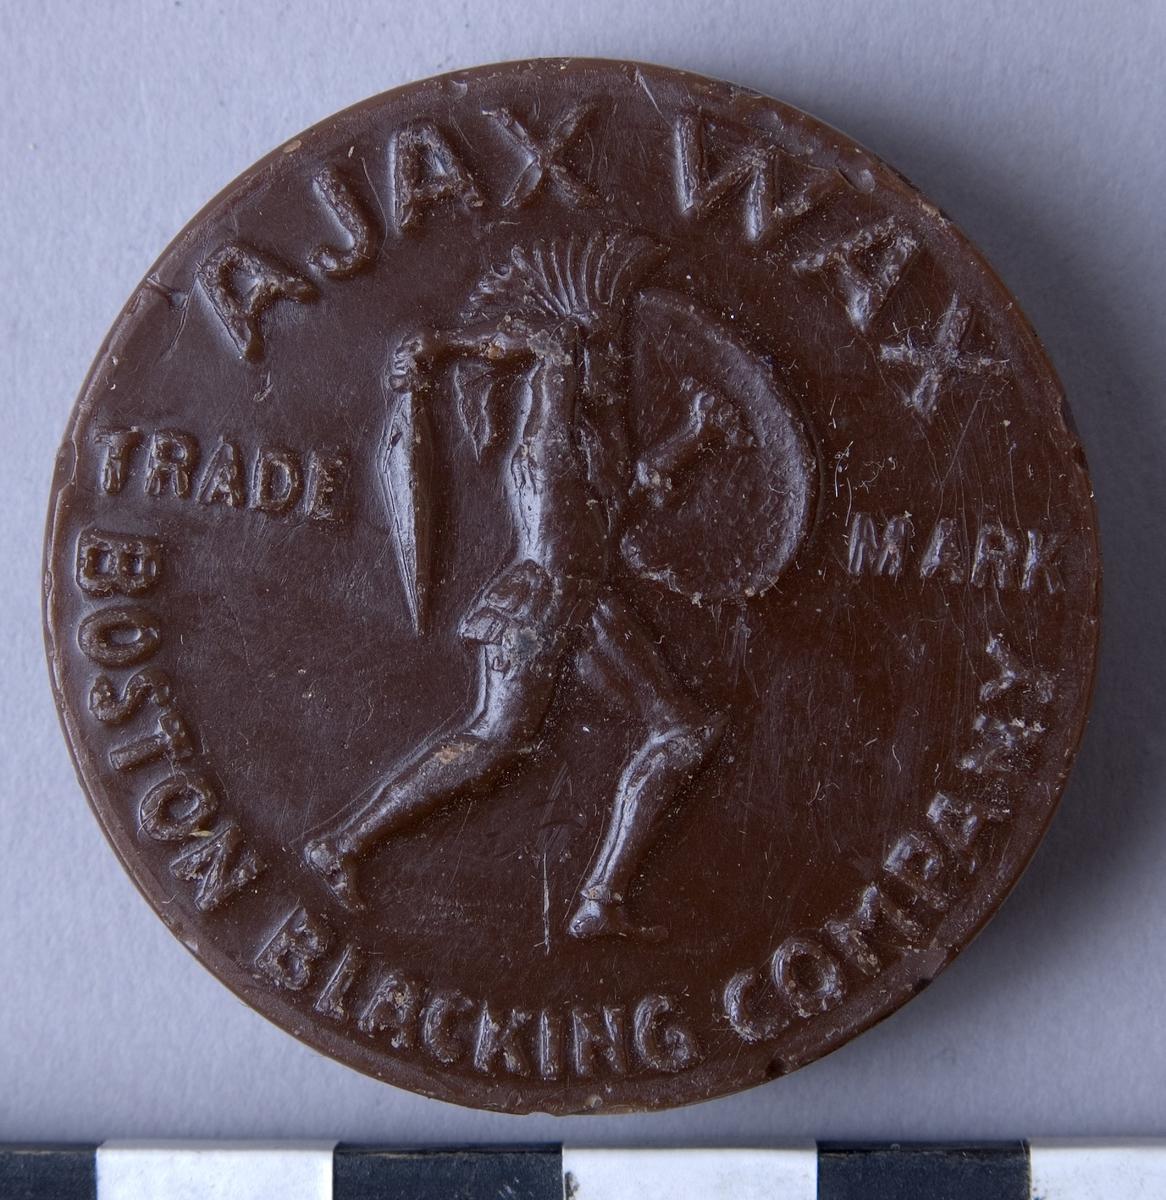 """Färgvax , fyra stycken, runda kakor  av vax i olika kulörer och fabrikat.  A: Brun, """"AJAX WAX"""" """"BOSTON BLACKING CO"""" B: Brun, """"AJAX WAX"""" """"BOSTON BLACKING CO"""" C: Svart, """"HERKULES WACHS"""" """"SCHUTZMARKE"""" D: Beige, """"AJAX WAX"""" """"BOSTON BLACKING CO"""""""